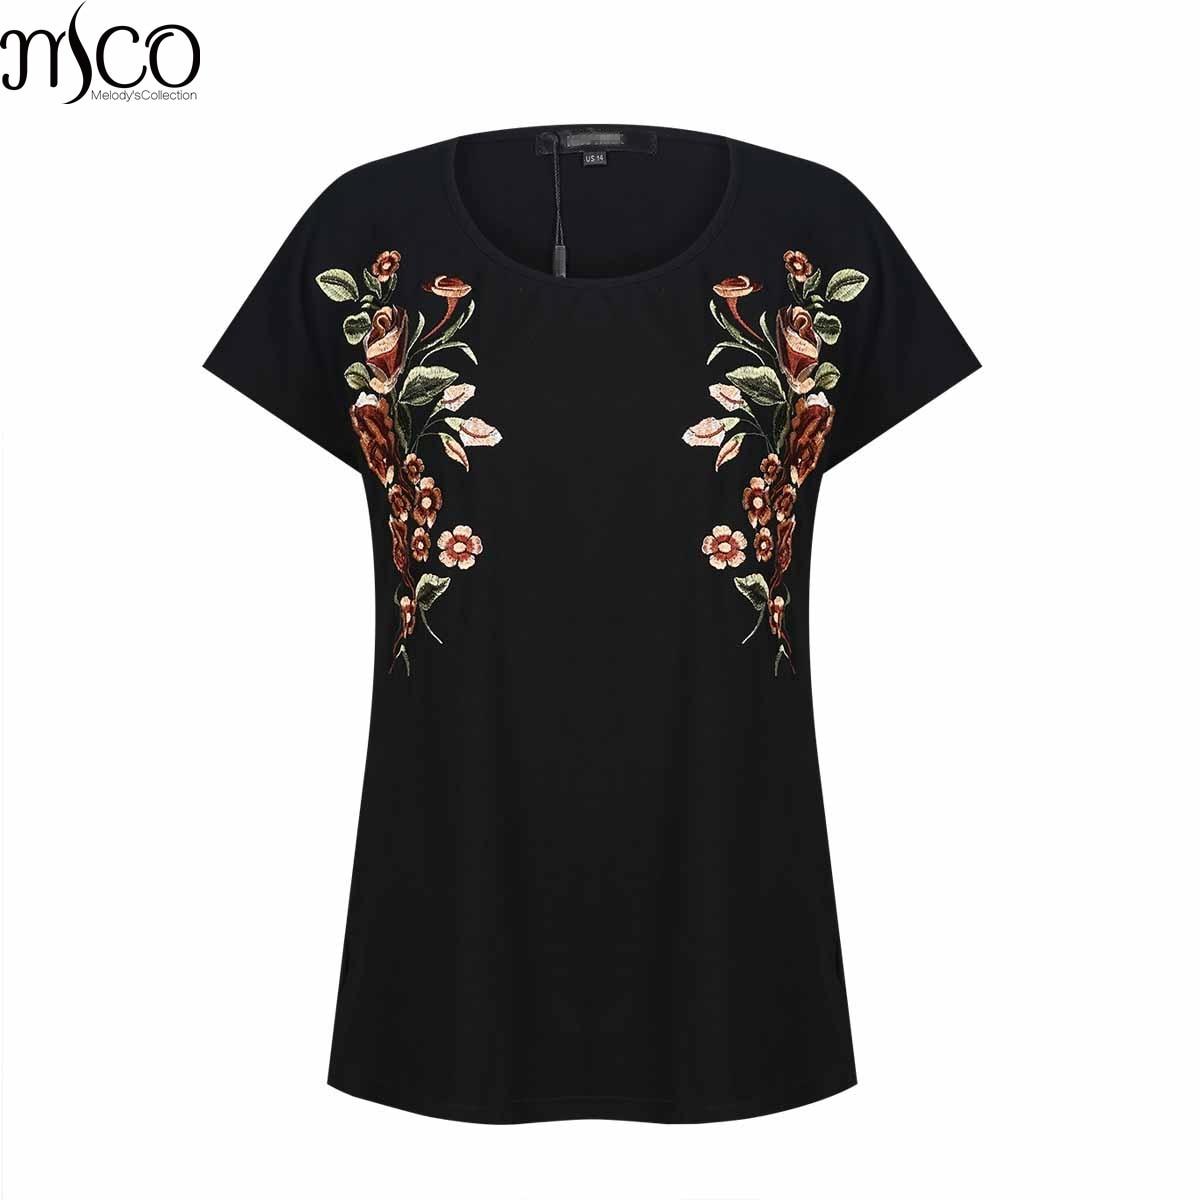 Mode Imprimé floral Plus La Taille De Base T-Shirt D'été Manches Courtes Simple Noir Femmes Vêtements Facile Surdimensionné Femmes de Top 5XL 6XL